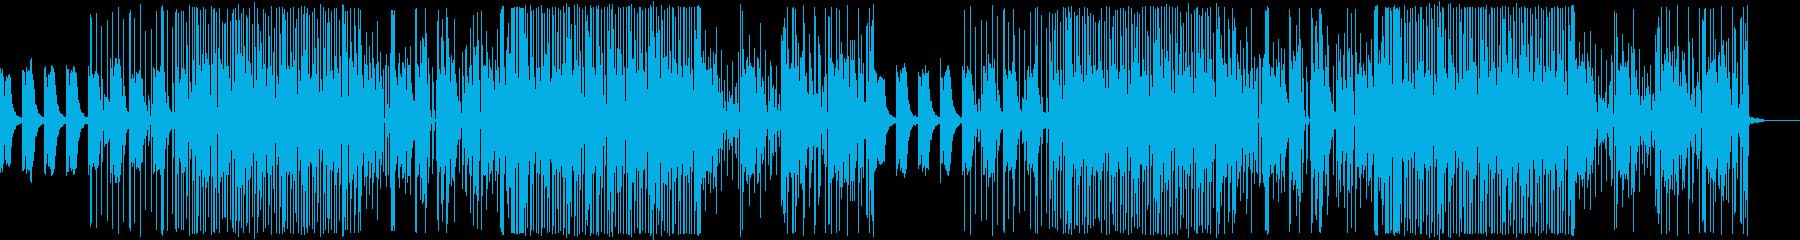 【報道BGM】ニュース解説用の再生済みの波形